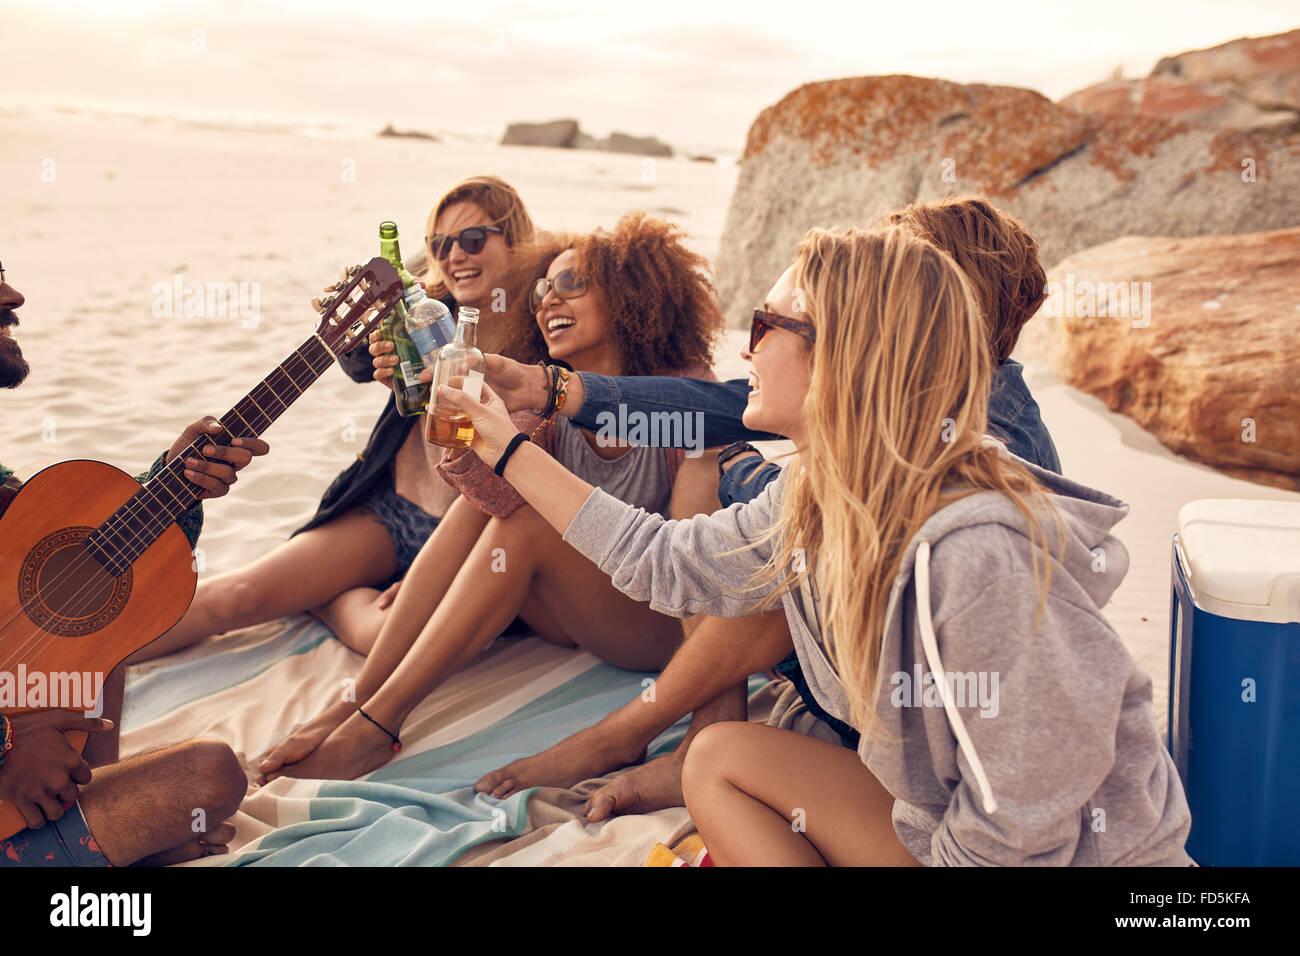 Gruppo di multi-etnico giovani birre di tostatura sulla spiaggia. Gruppo di amici di trascorrere del tempo insieme Immagini Stock